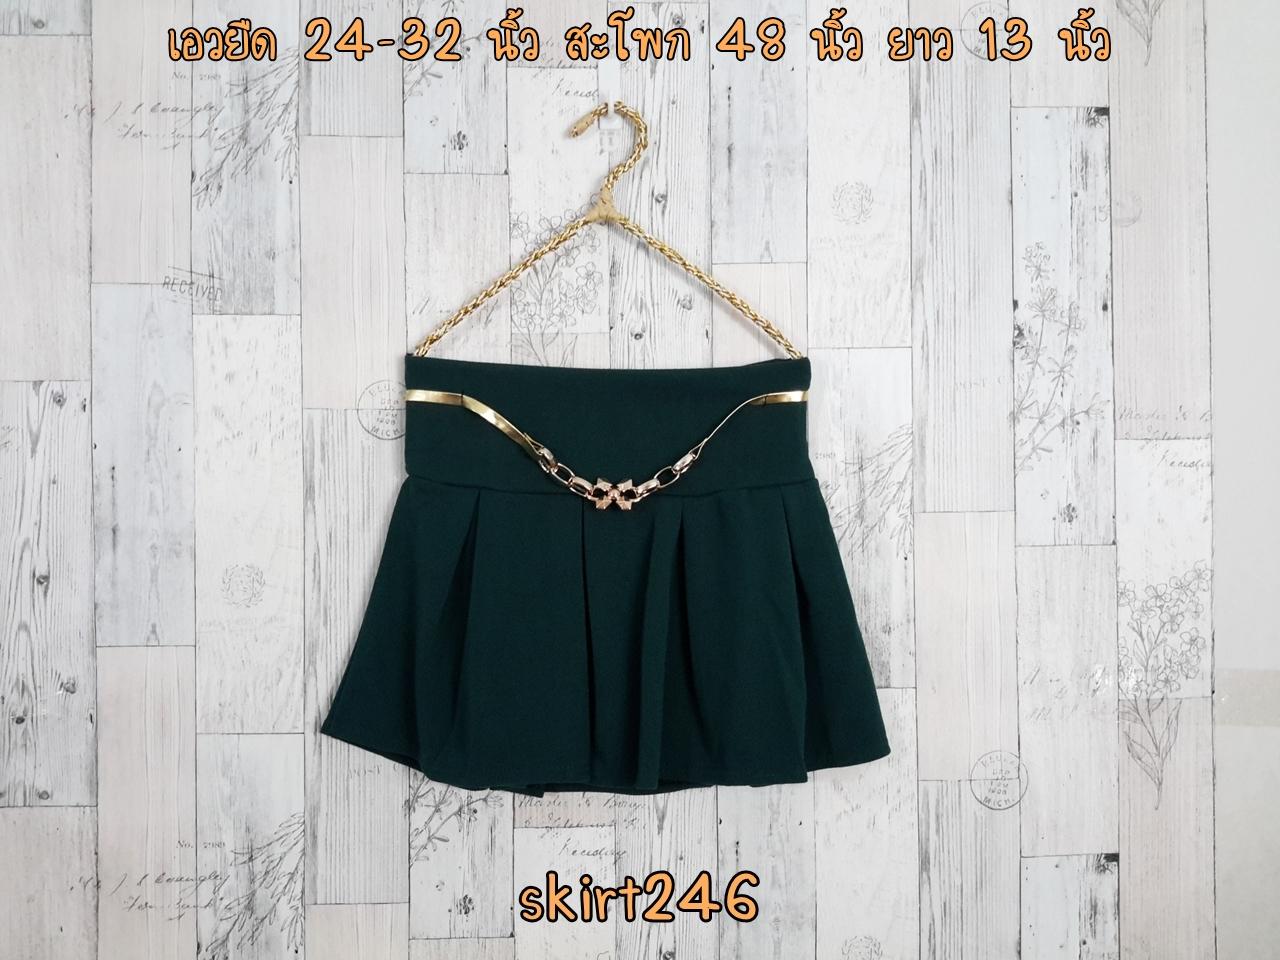 Skirt246 กระโปรงเอวสม็อคยางยืด แต่งหัวเข็มขัด ผ้าหนาเนื้อดีมีน้ำหนักทิ้งตัวไม่ยับง่าย มีซับในกางเกง สีพื้นเขียวเข้ม